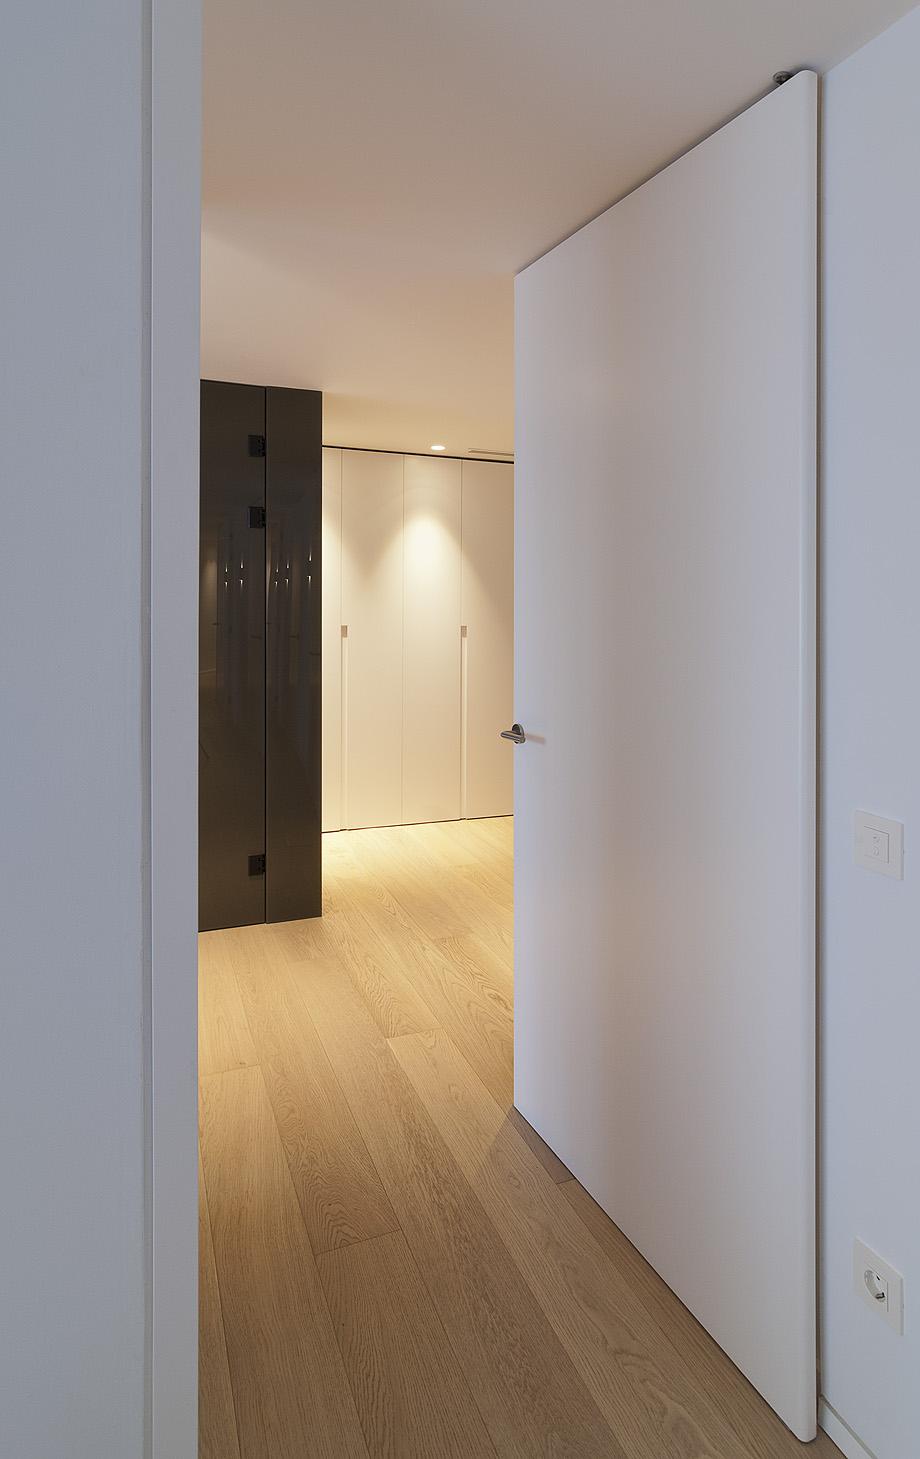 vivienda de classico45 - foto pepe bermejo (14)